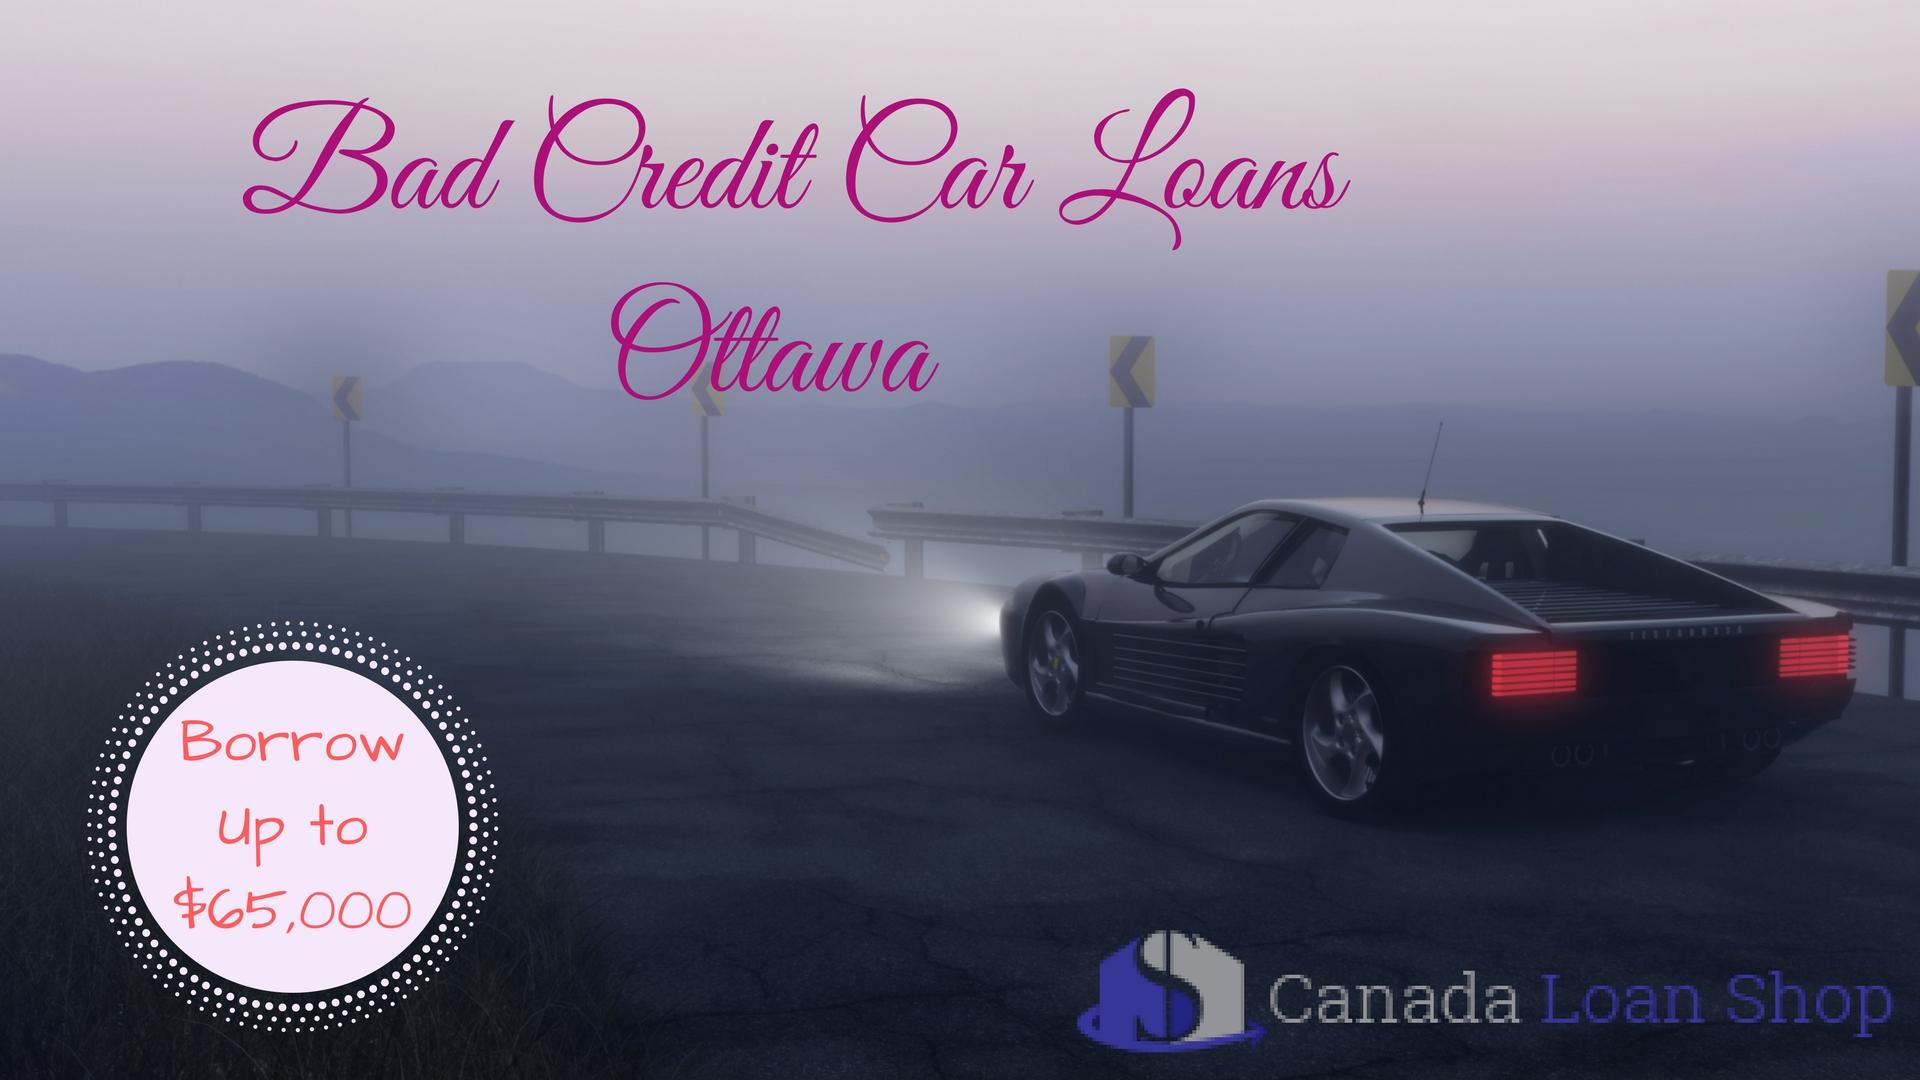 Bad Credit Car Loans Ottawa